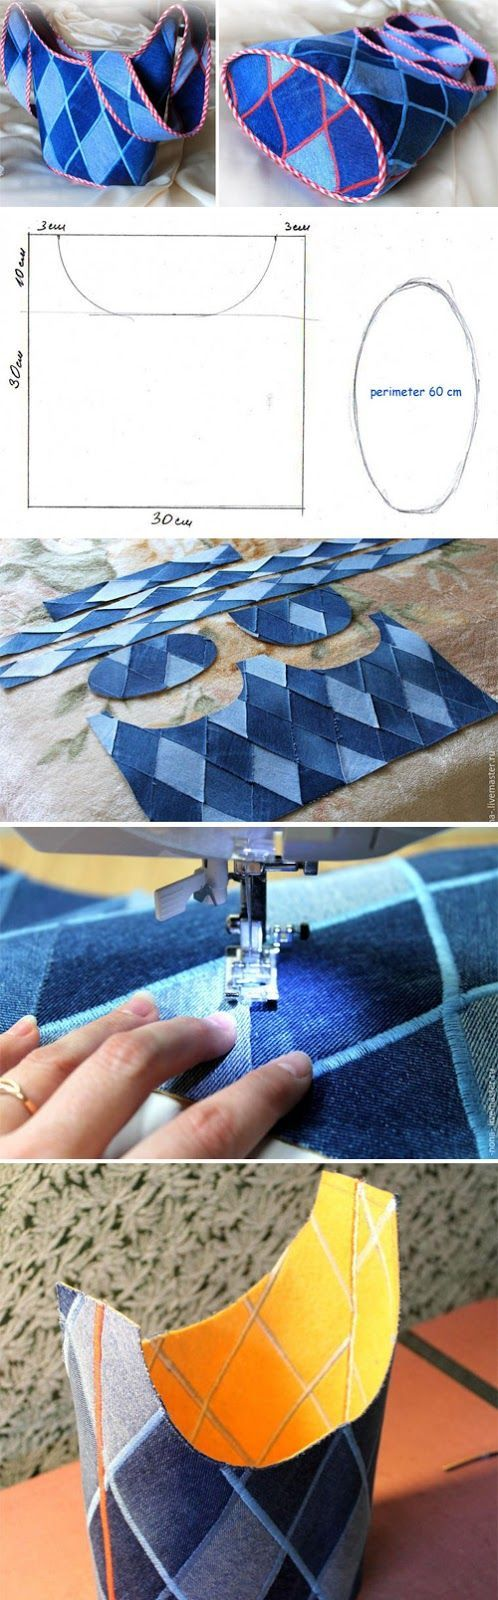 Come riciclare gli scampoli di stoffa per realizzare delle for Appendi borse fai da te